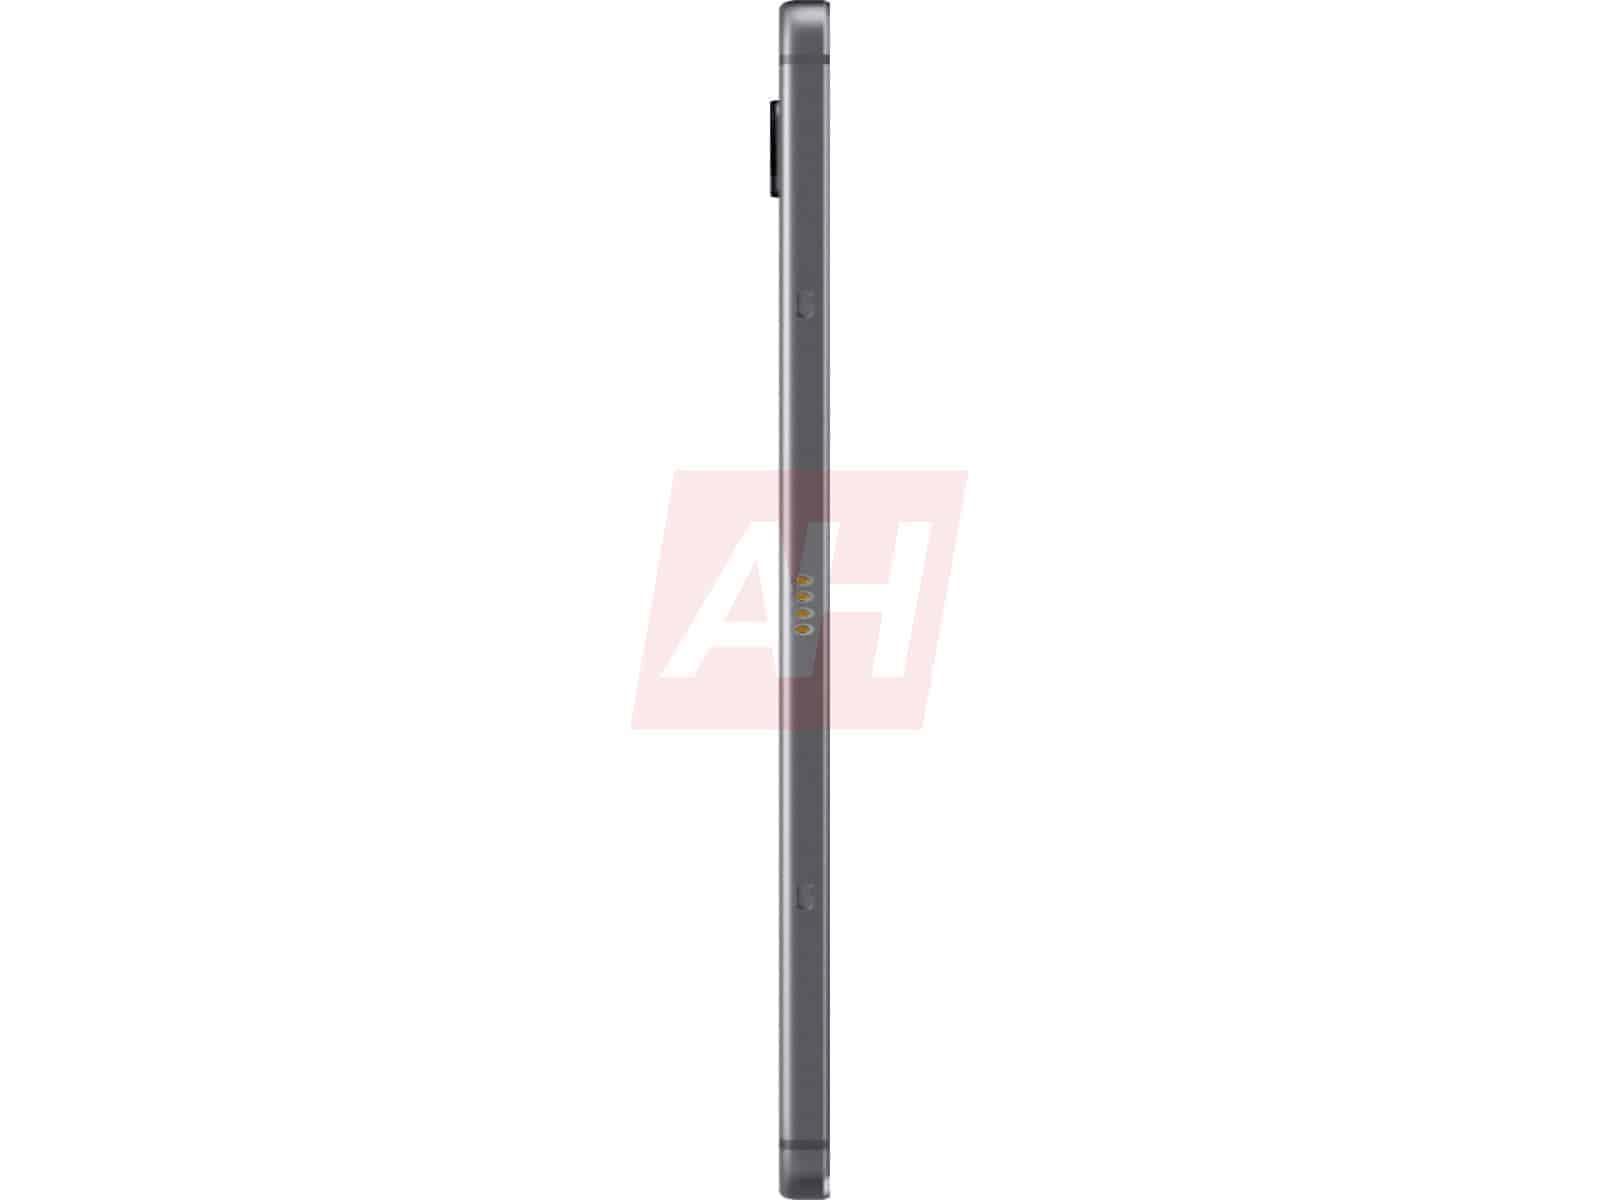 Samsung Galaxy Tab S6 Leak Grey 9